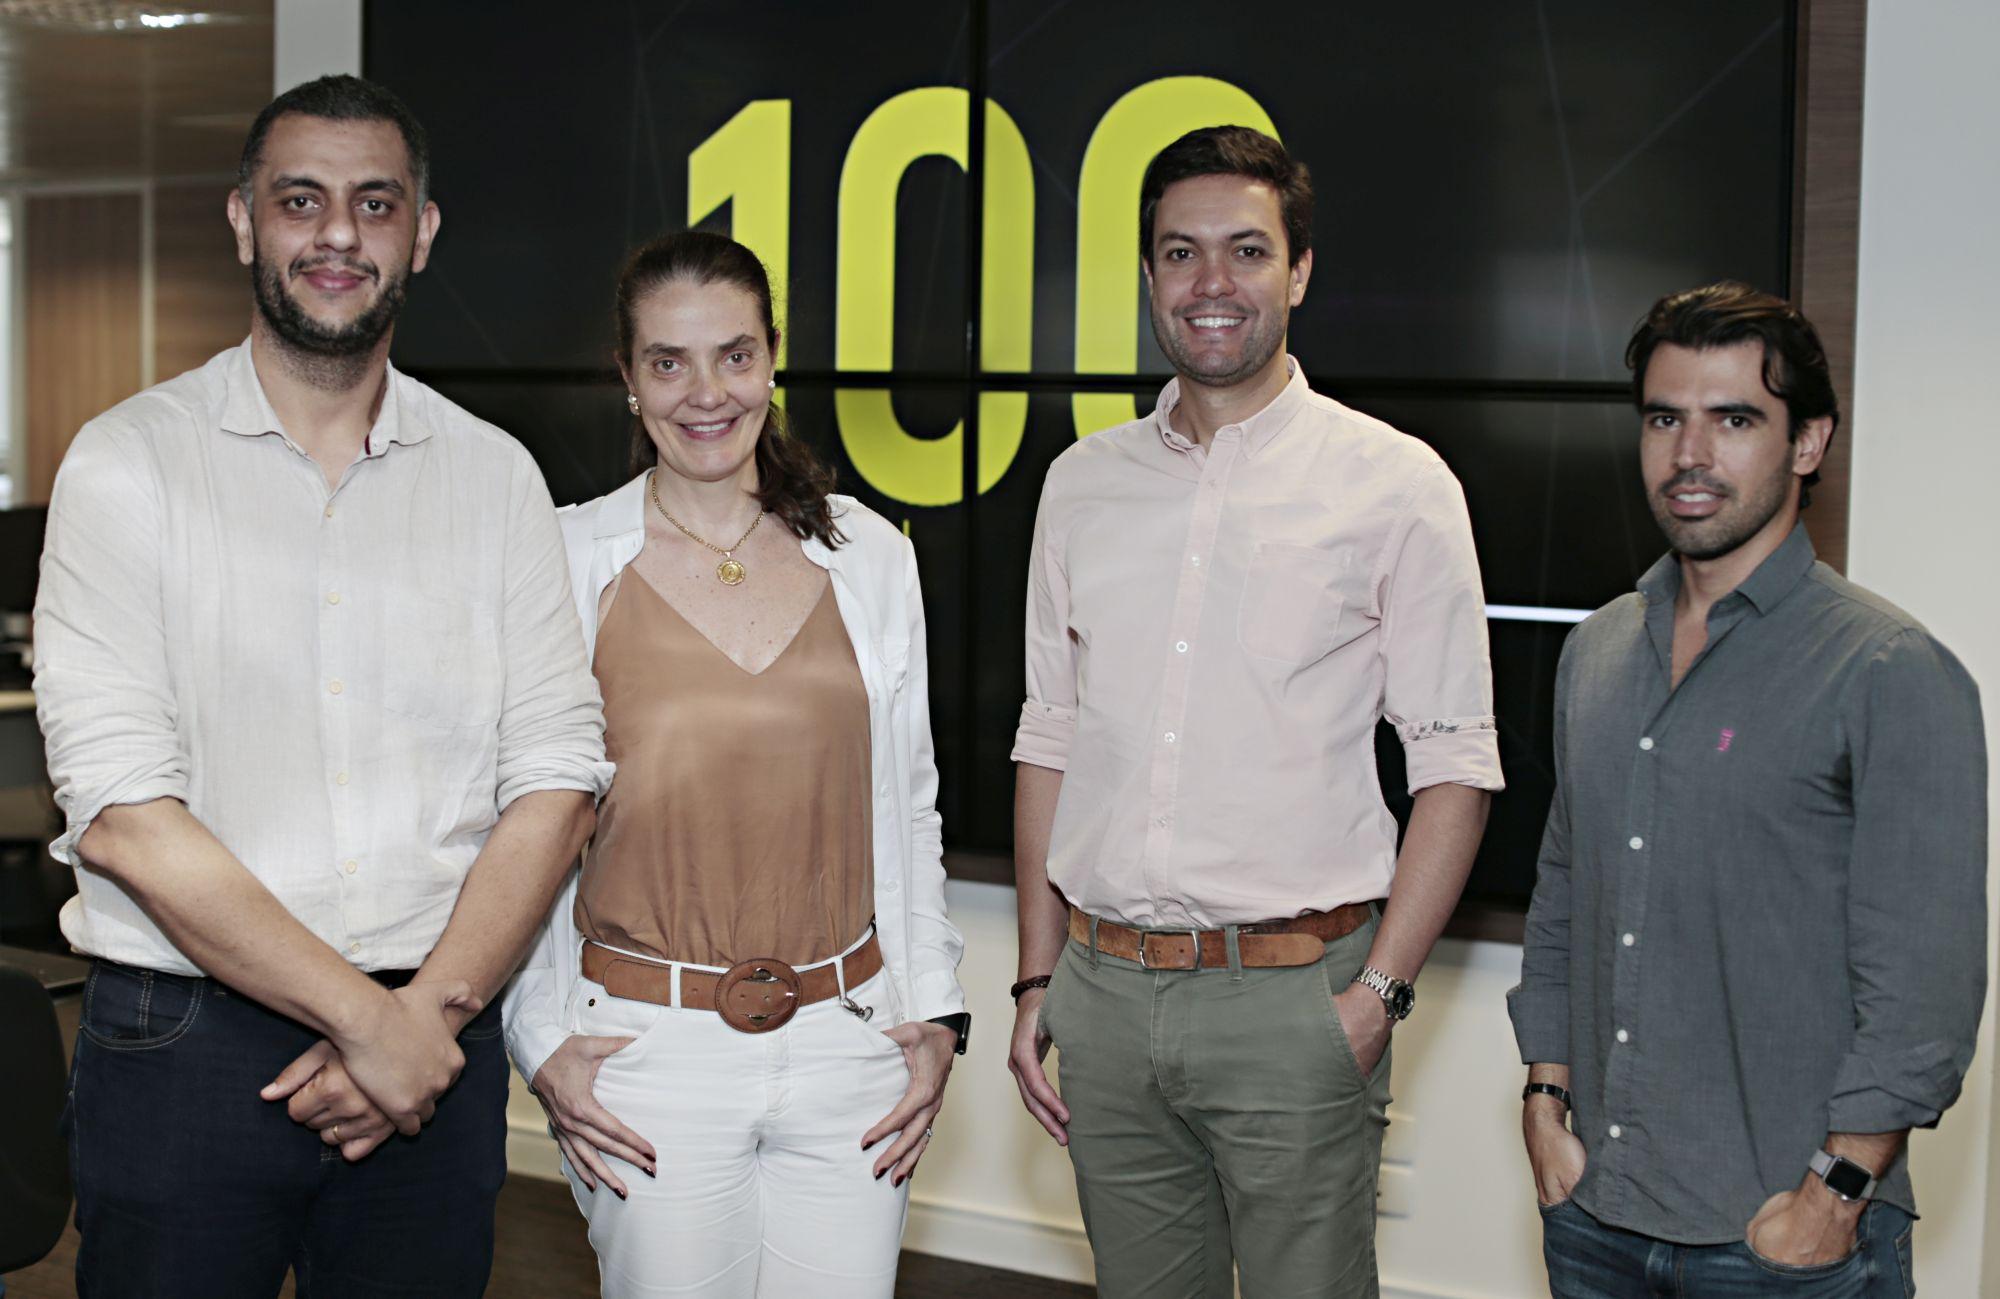 Prestes a completar 100 anos, Gazeta do Povo confirma foco no produto digital